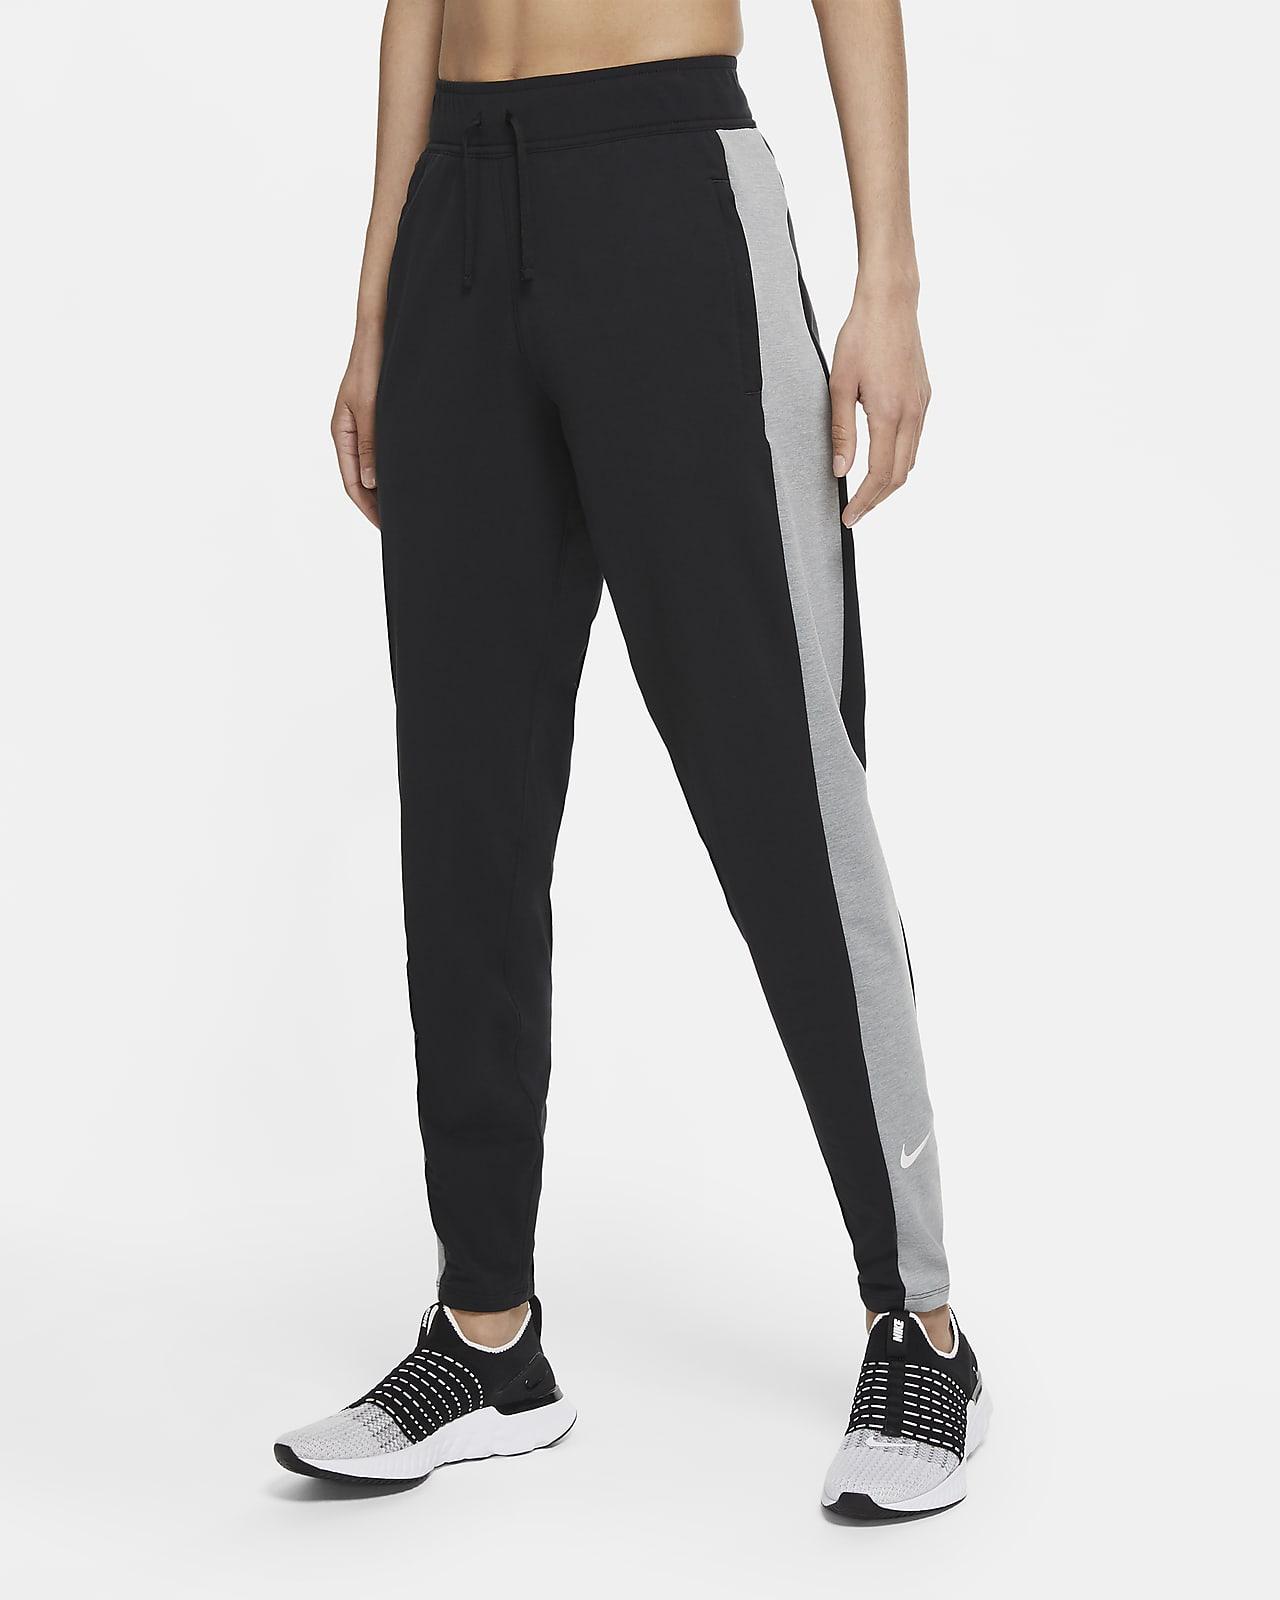 Calças de running Nike Essential Warm para mulher